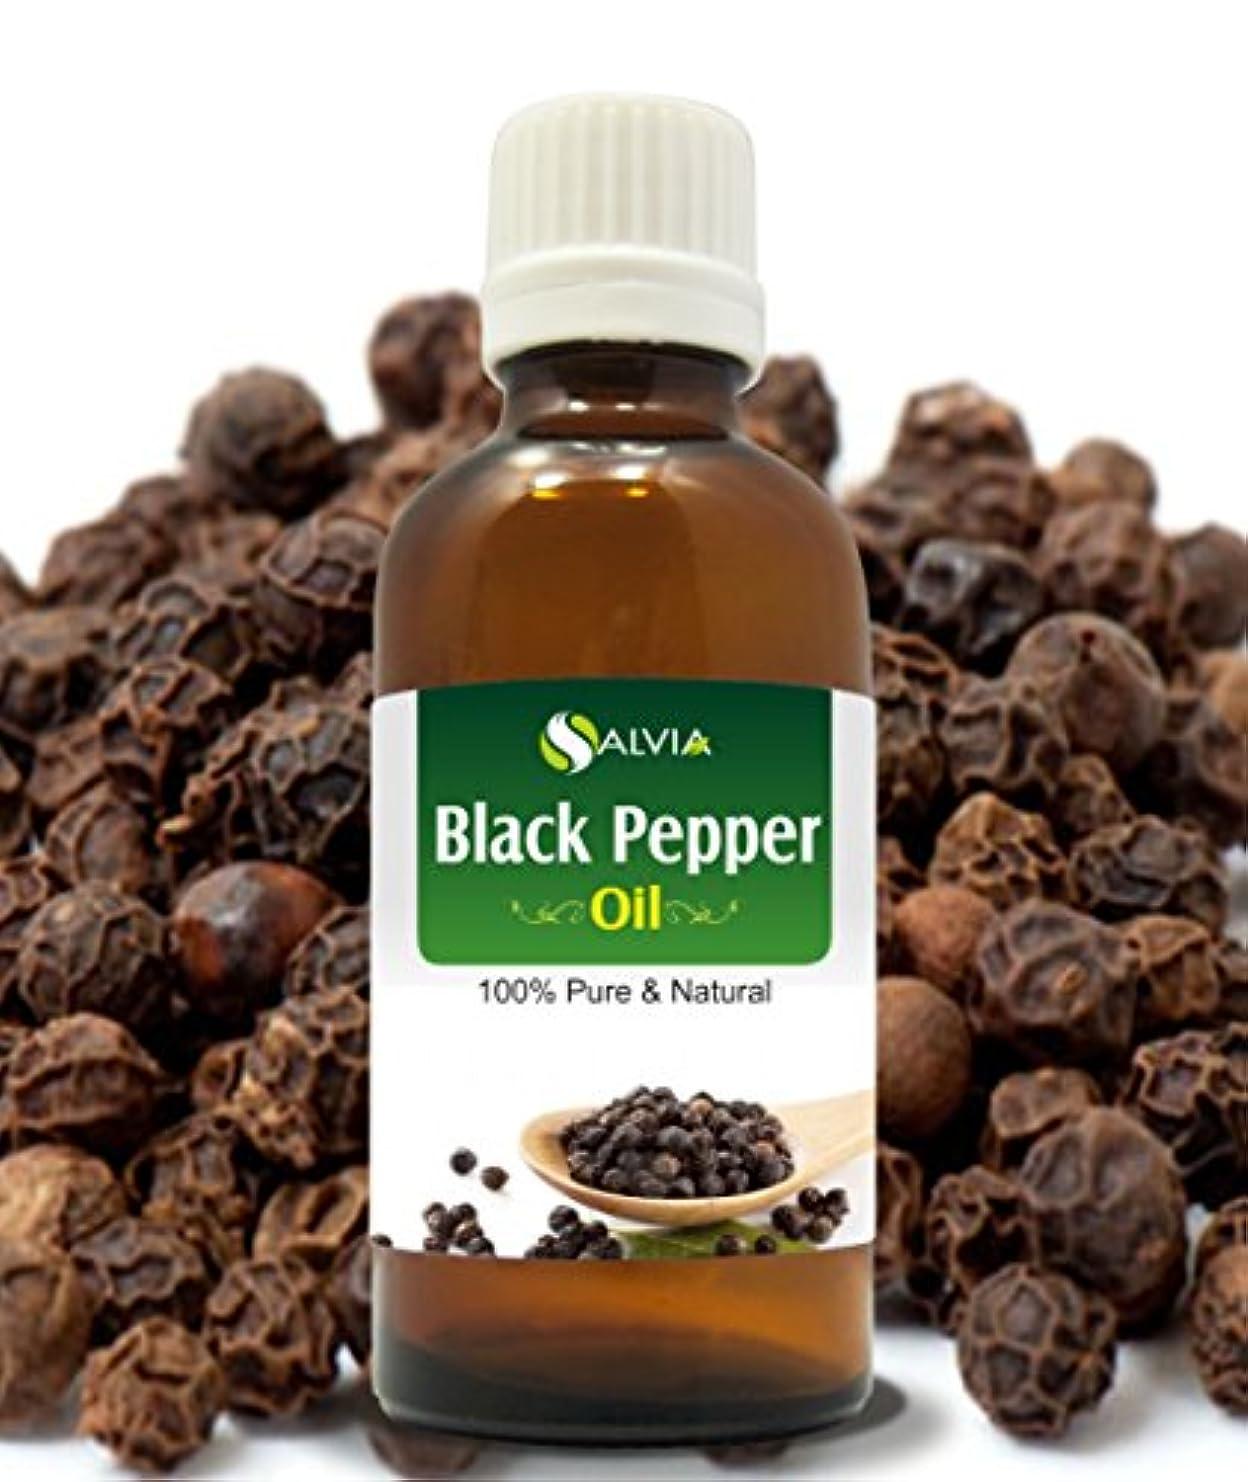 損失ボート石膏BLACK PEPPER OIL 100% NATURAL PURE UNDILUTED UNCUT ESSENTIAL OIL 15ML